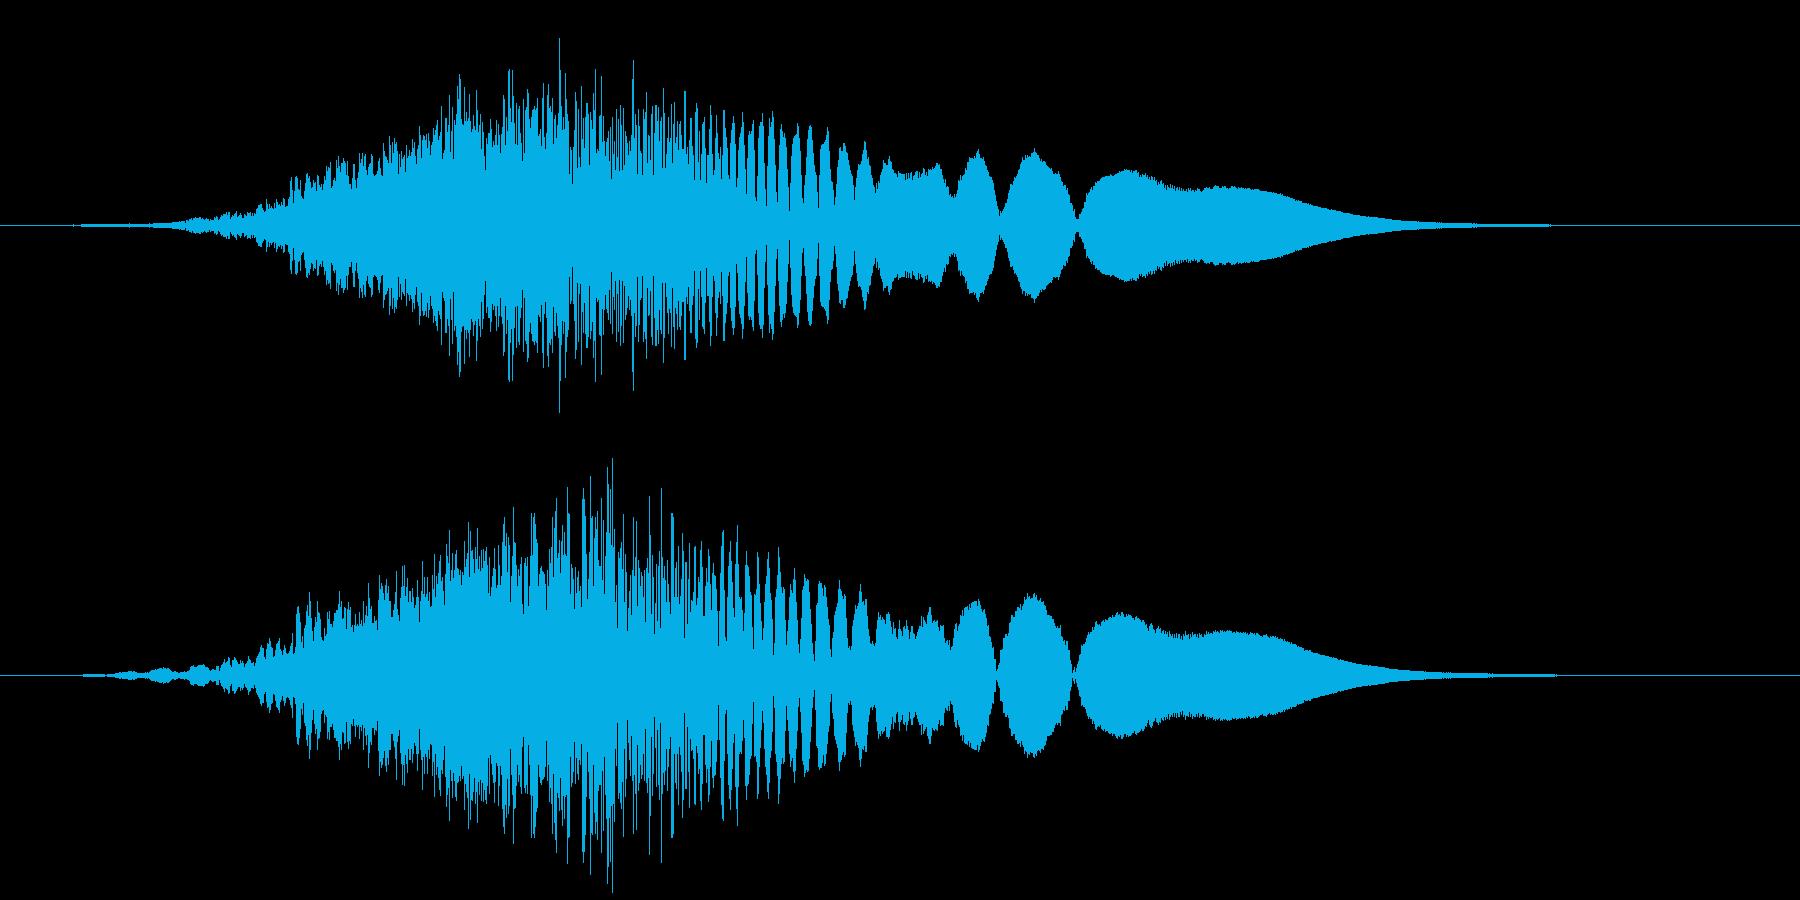 ハリウッドSF_流行_低音_ブーン_03の再生済みの波形